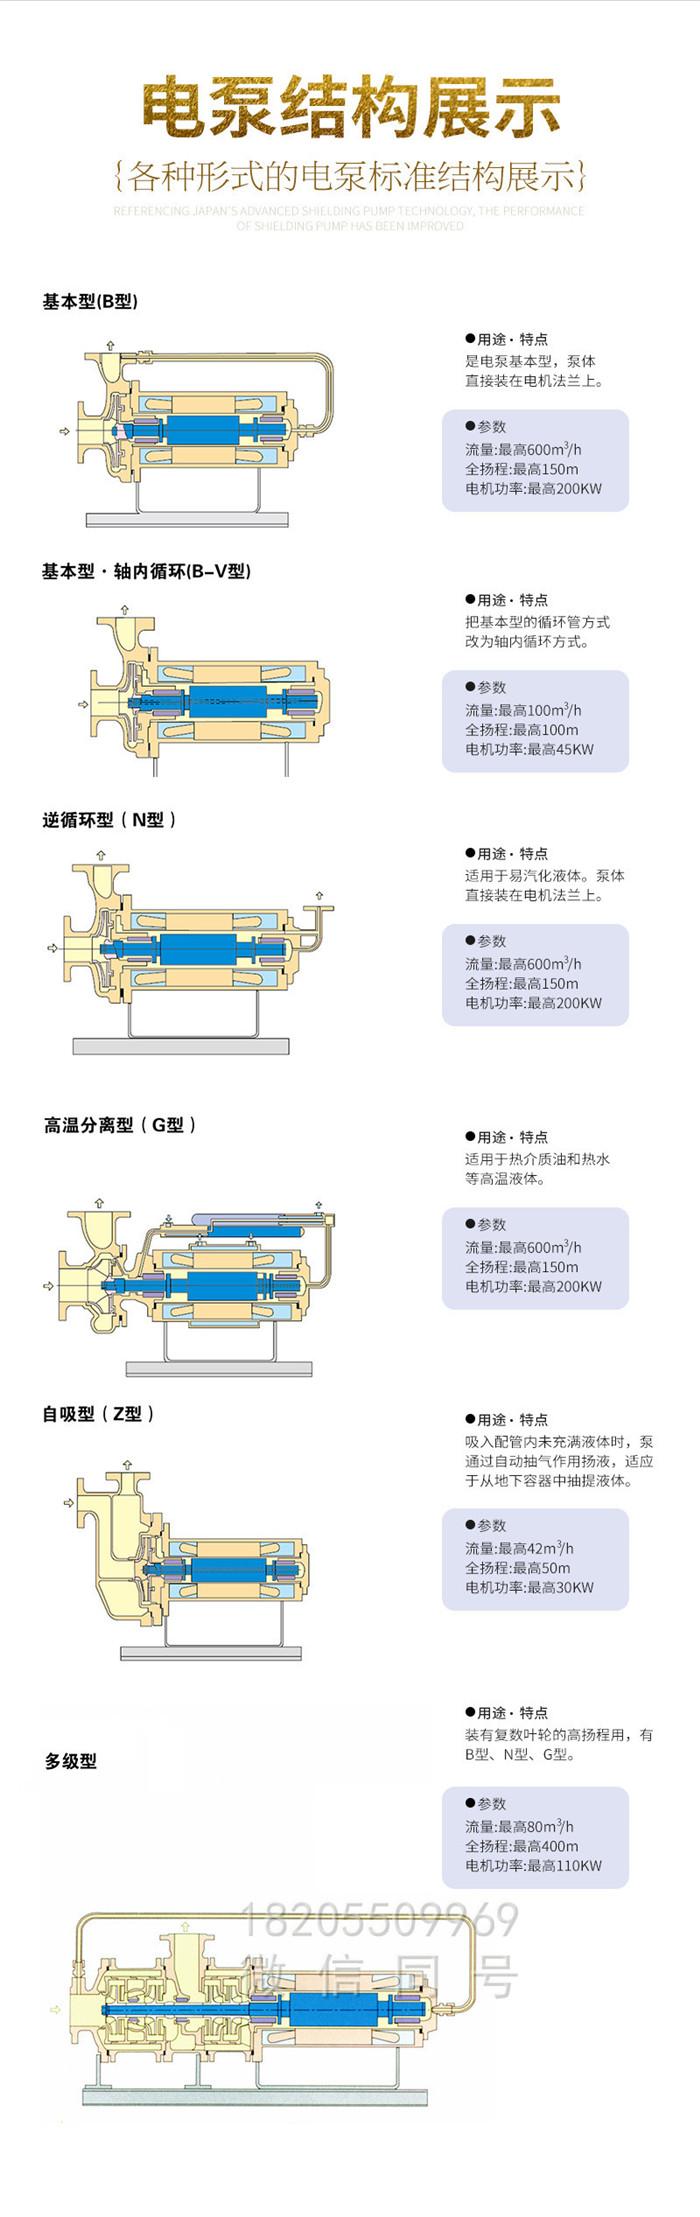 屏蔽电泵结构图